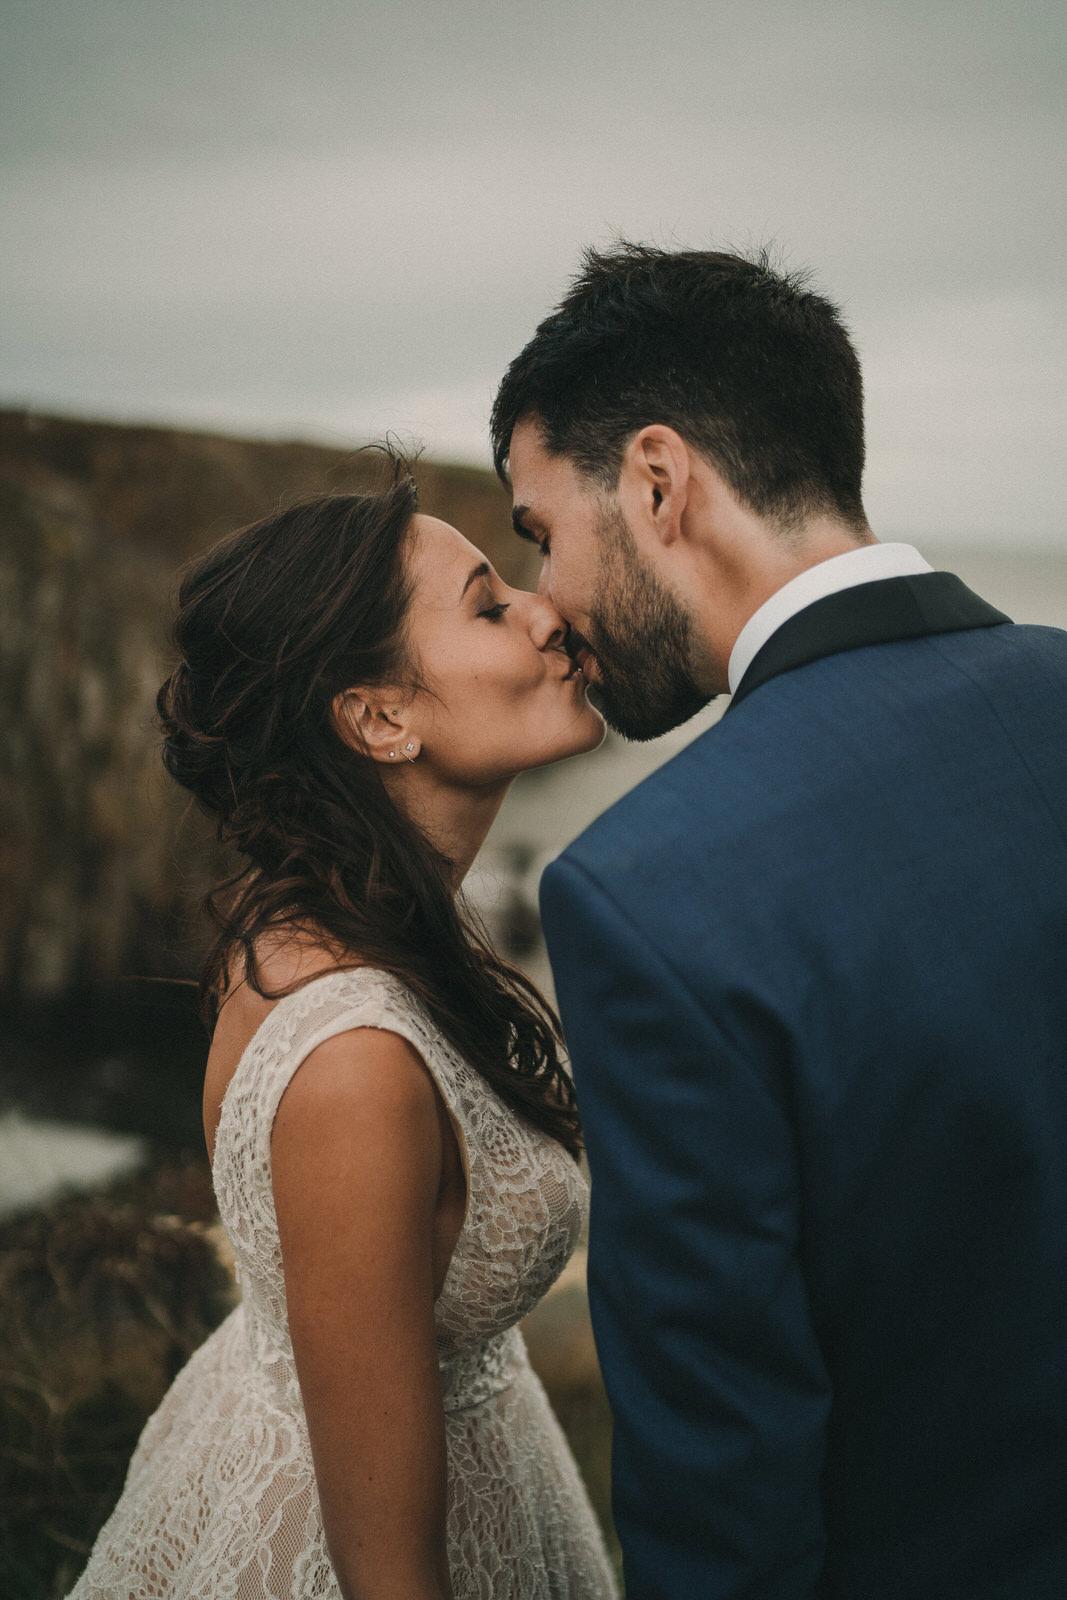 13037 Mariage Intime Élopement En Bord De Mer En Bretagne Rebecca Clement À Plougonvelin Www.antoineborzeix.fr , Photographe & Videaste à Brest / Finistère